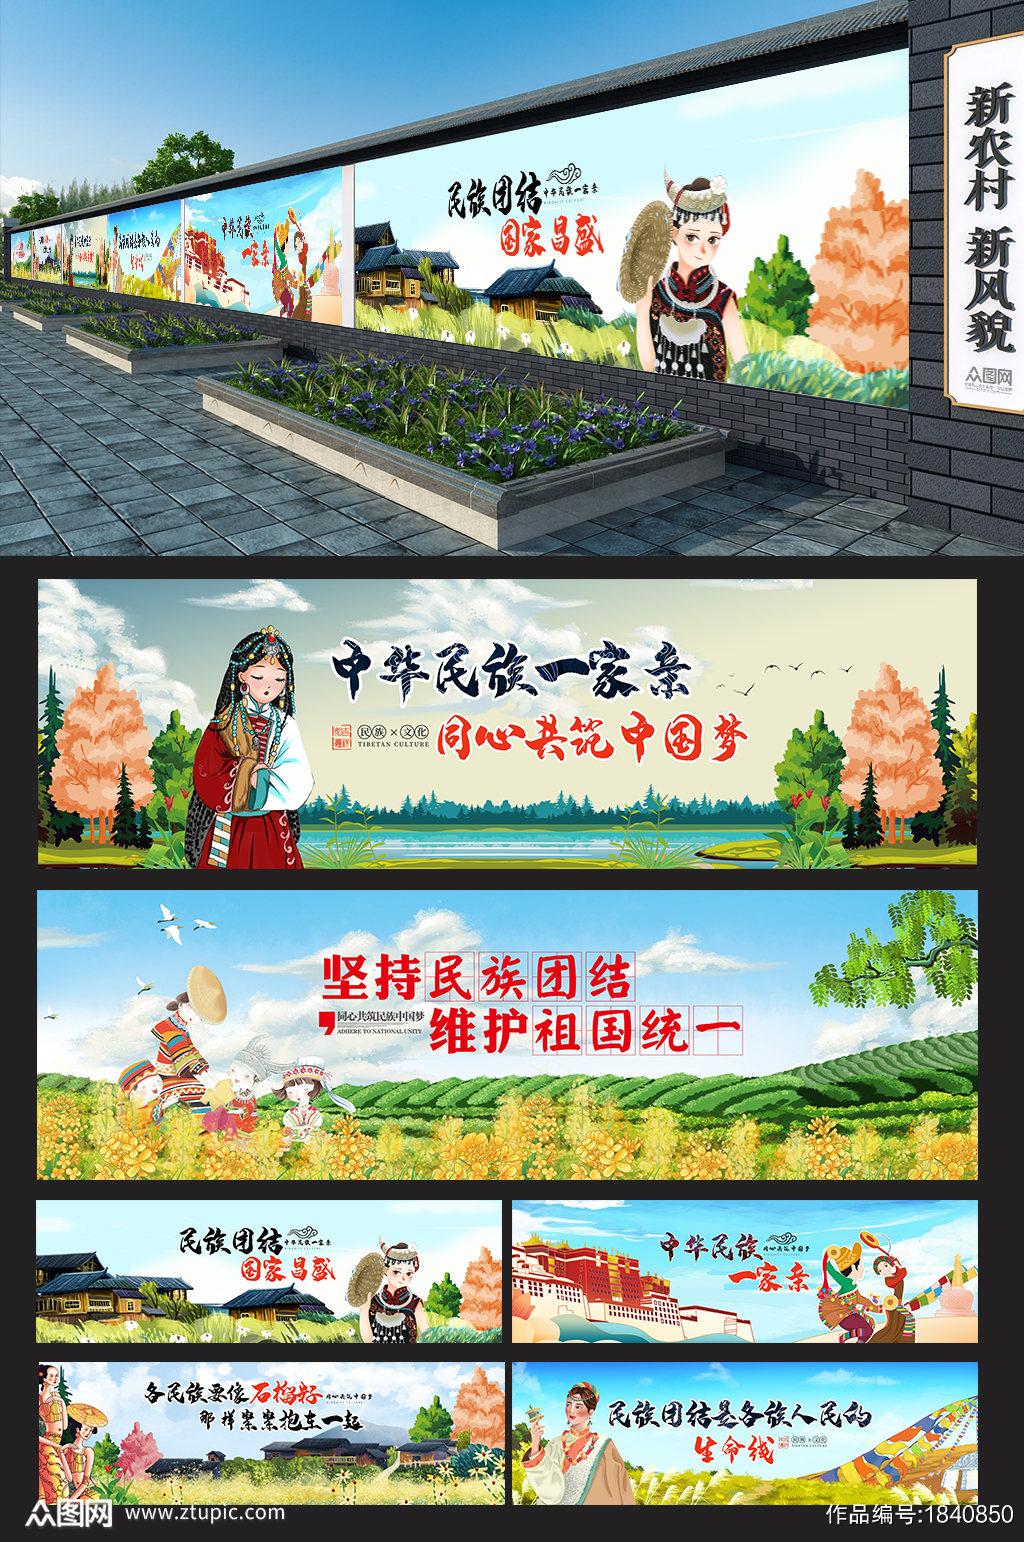 少数民族墙绘民族团结墙绘新农村墙绘文化墙素材